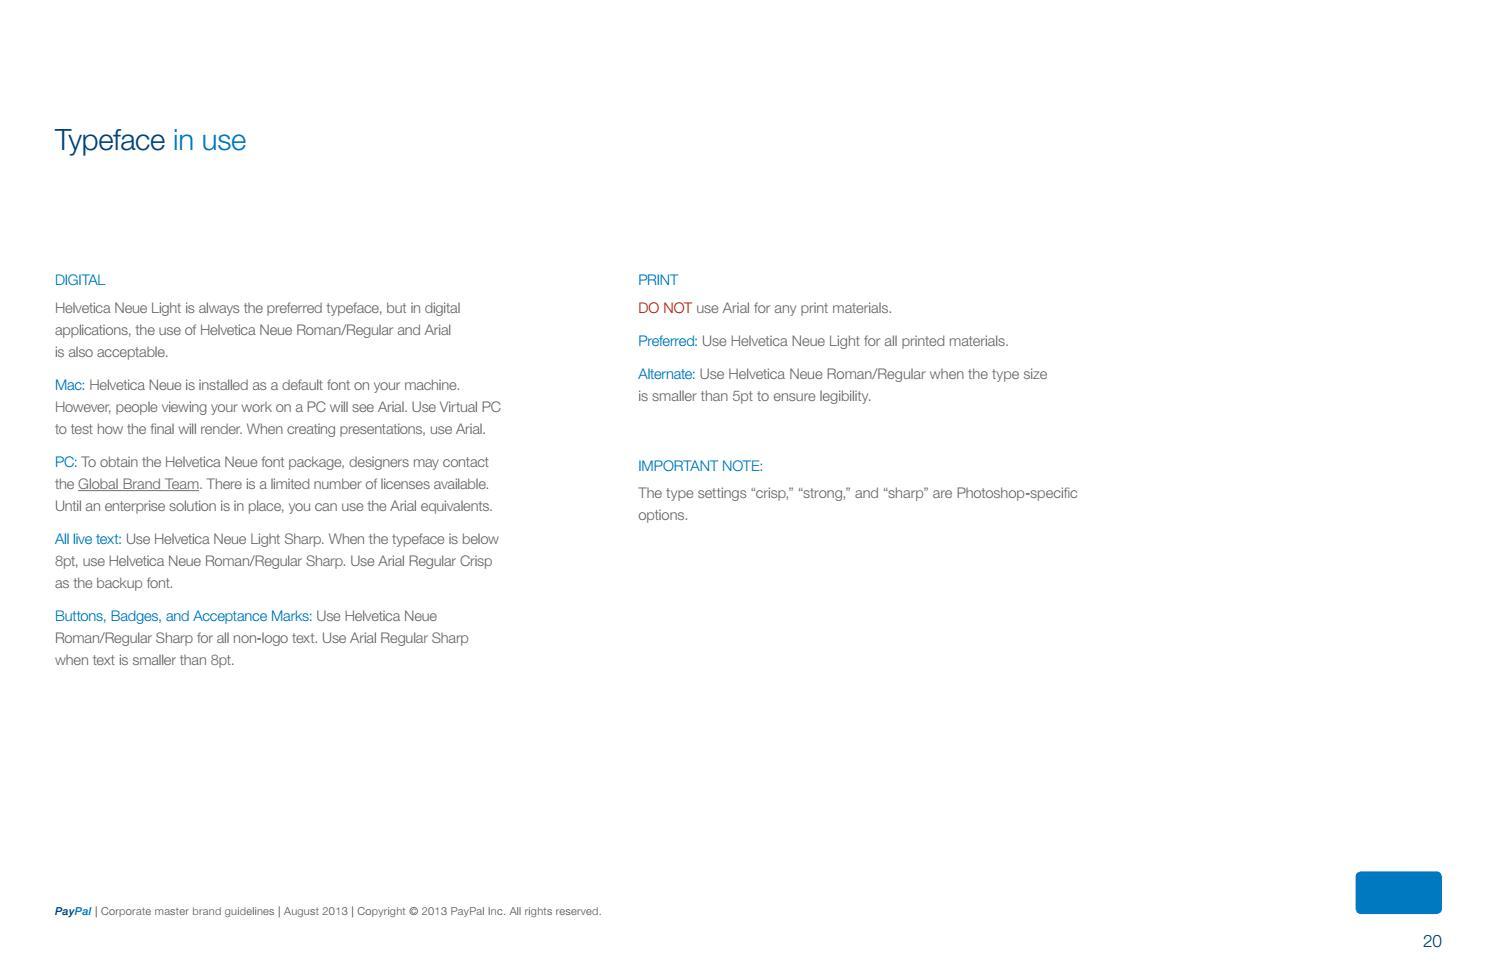 PayPal Brand Guidelines by Lukasz Kulakowski - issuu